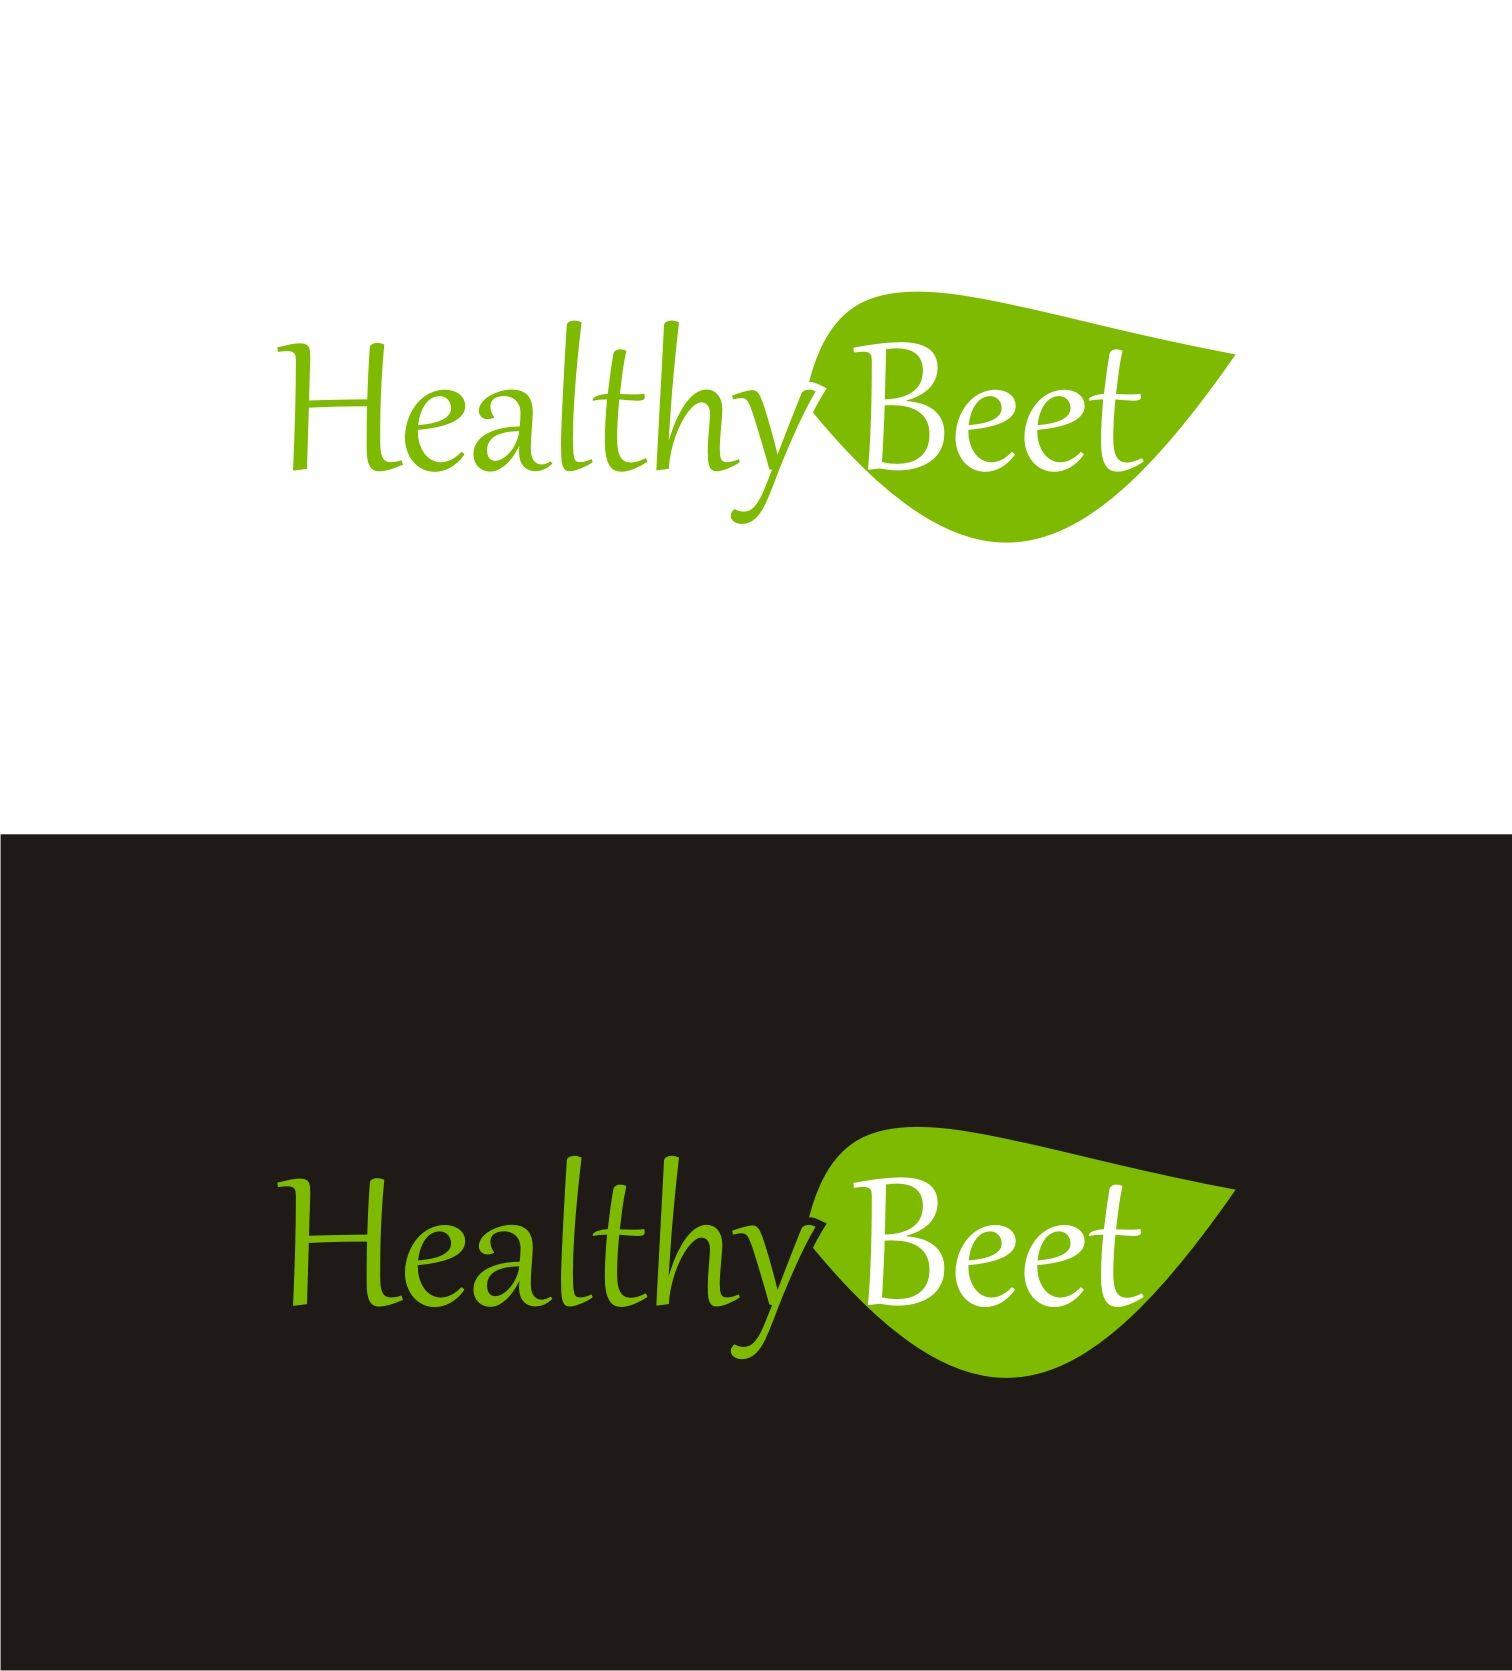 Healthy Bit или Healthy Beet - дизайнер LiXoOnshade